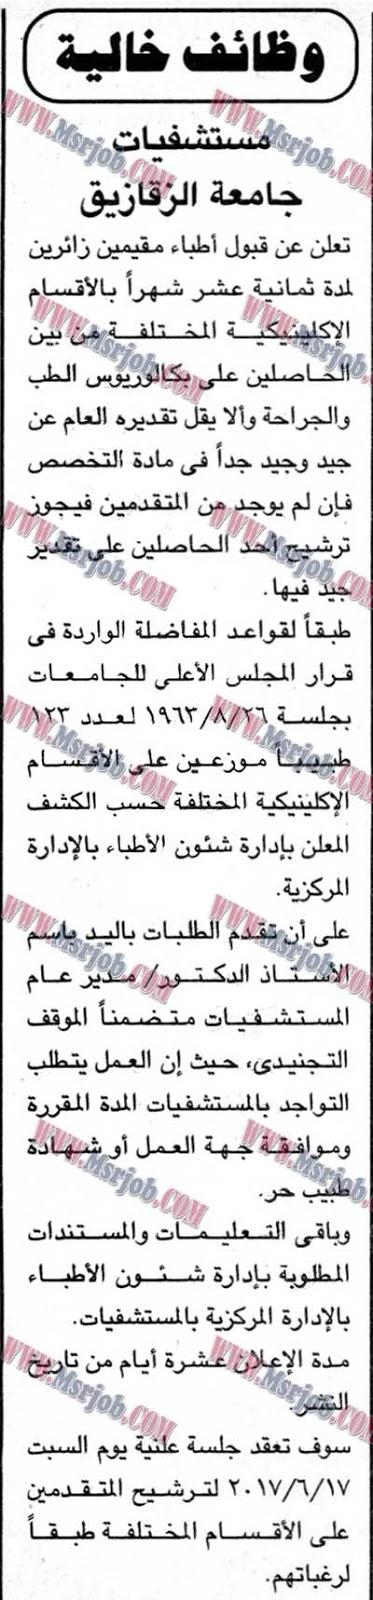 اعلان وظائف مستشفيات جامعة الزقازيق لخريجي الجامعات 5 / 6 / 2017